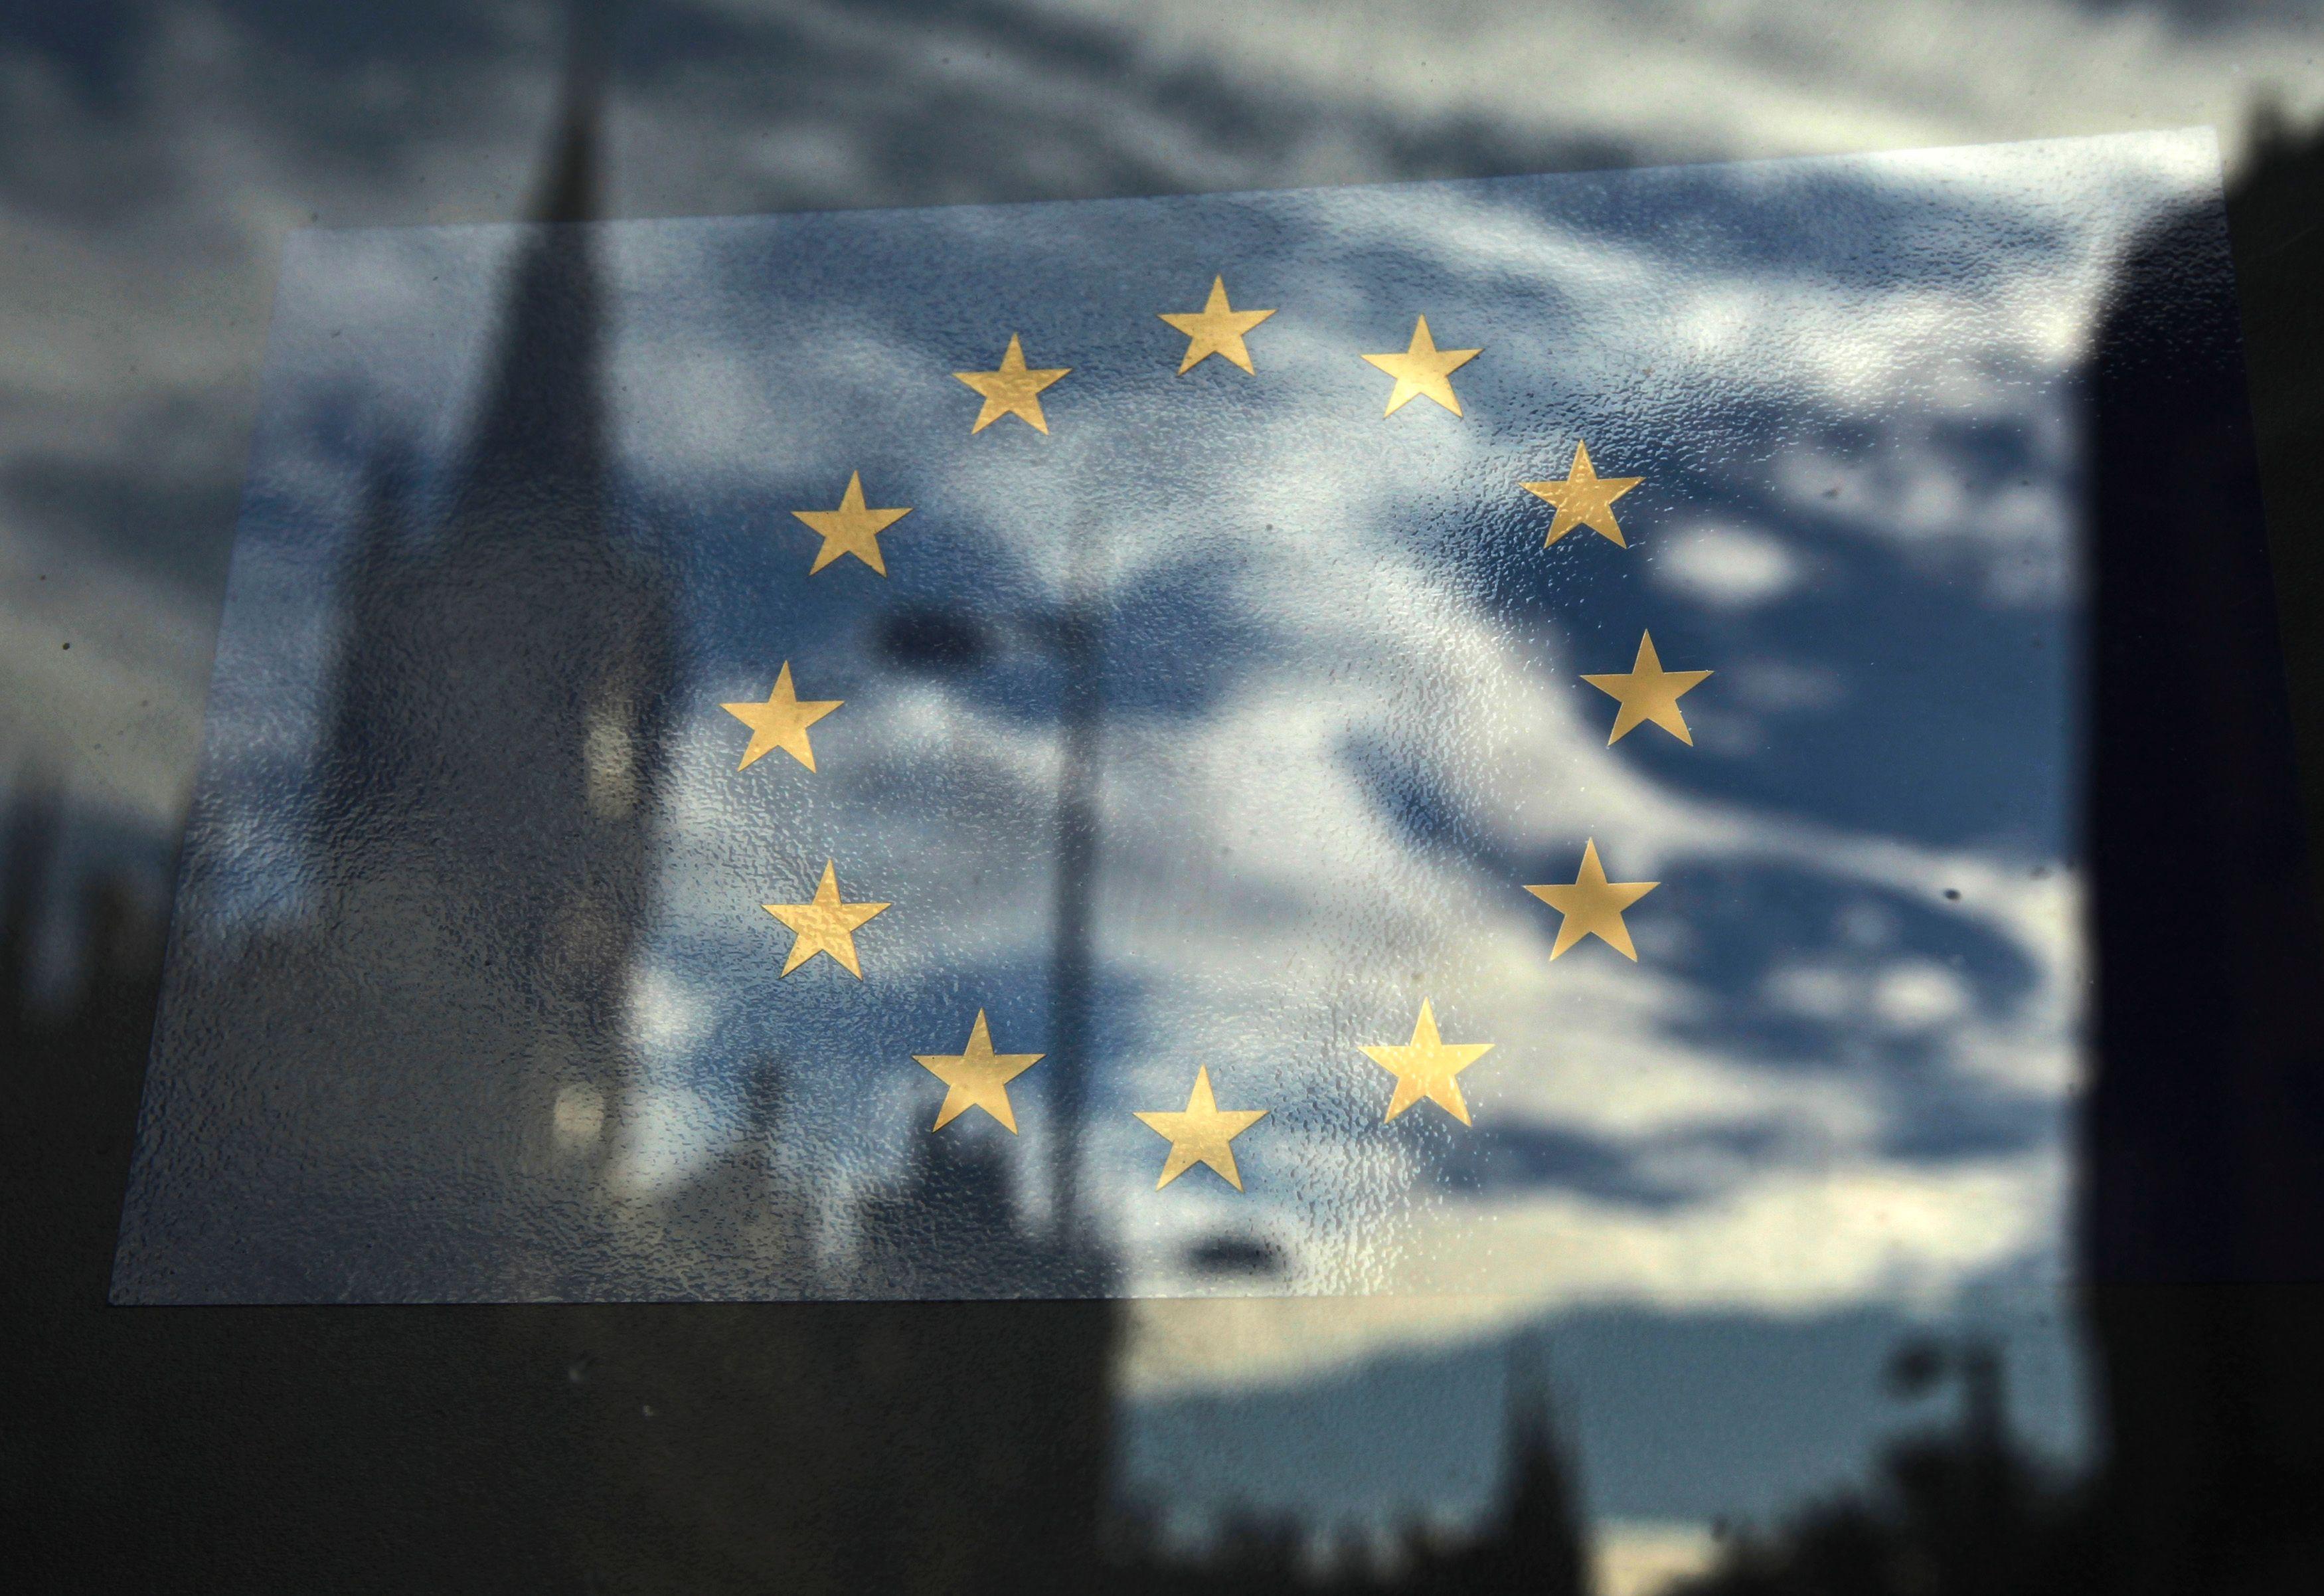 Margrethe Vestager : Démission !! Le Breton vite ! Mais nous sauvera-t-il ?